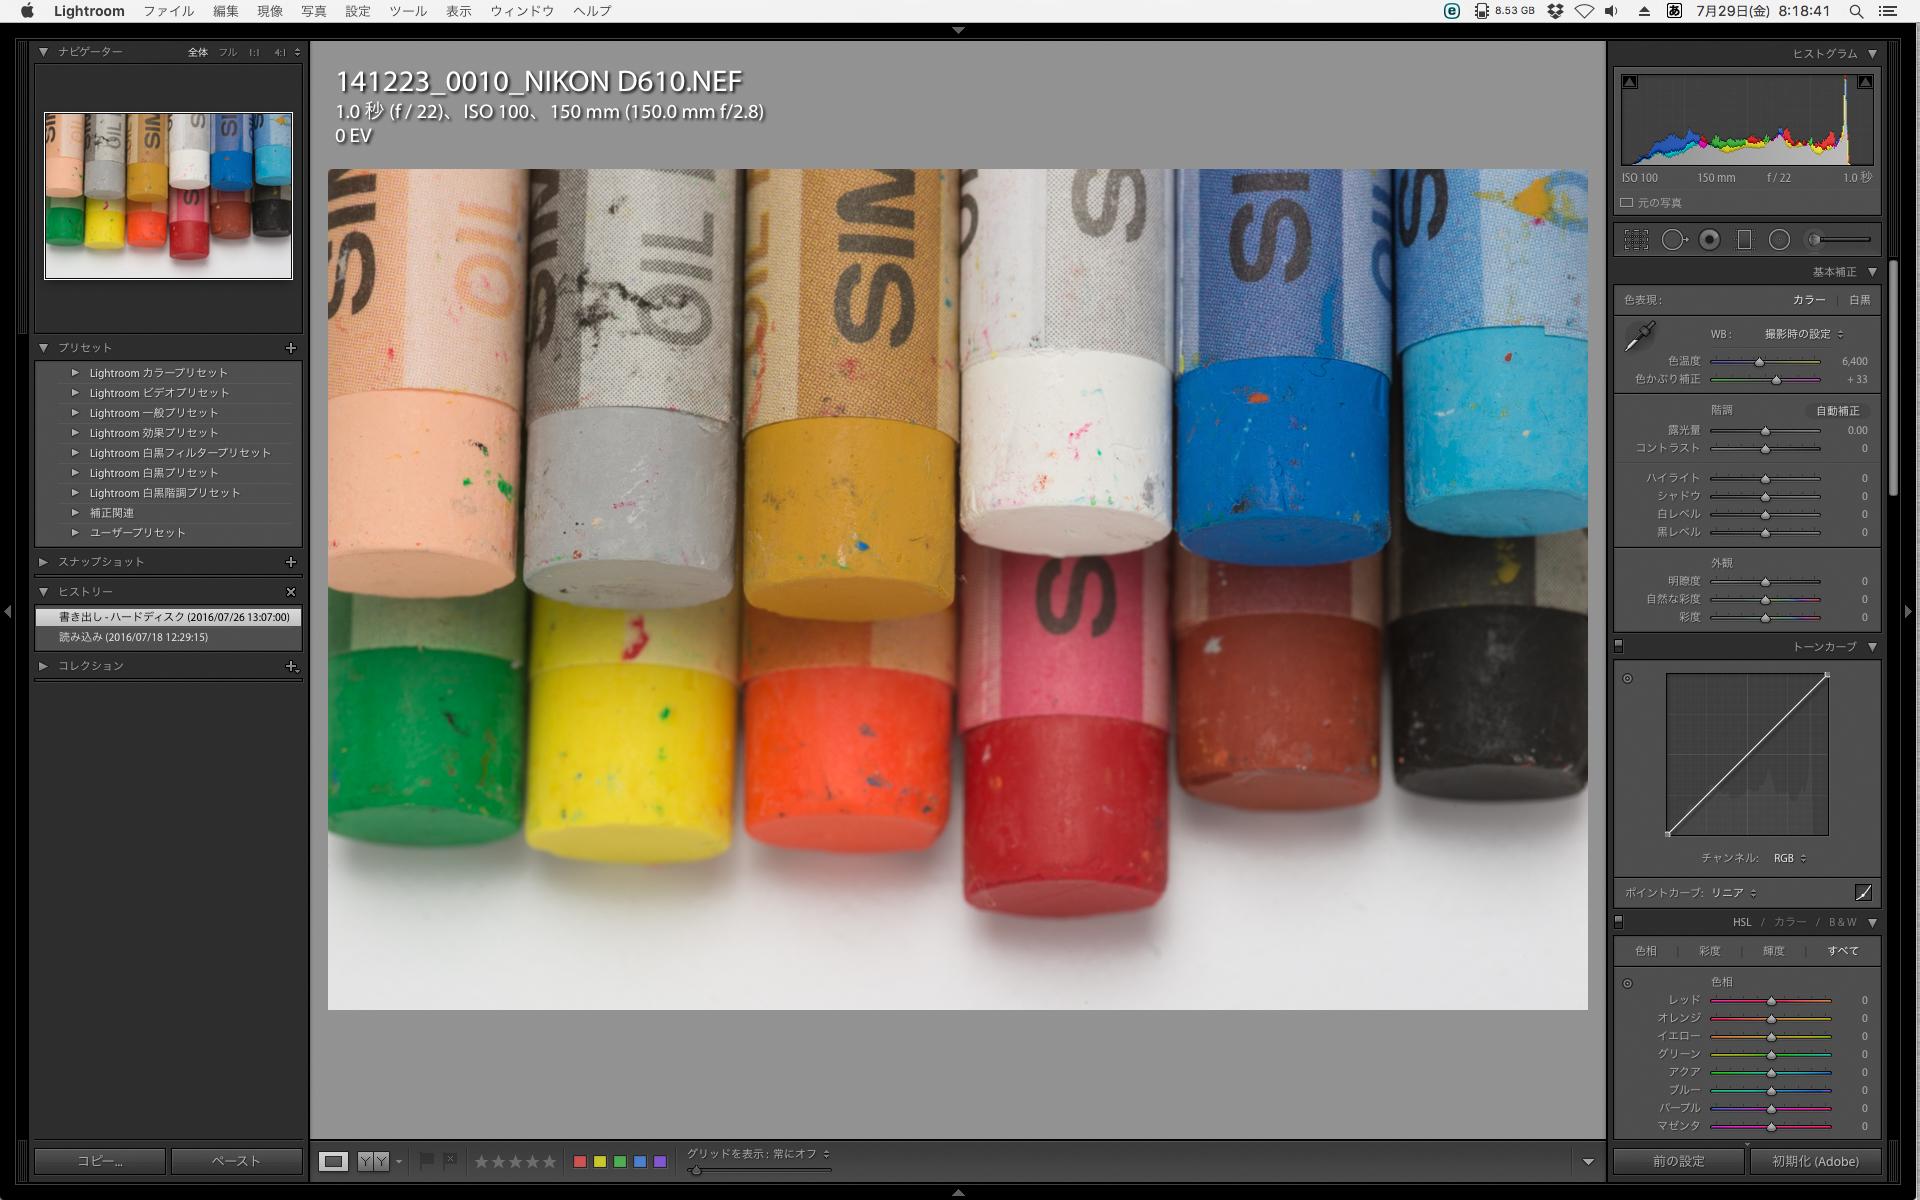 「現像」の画面。ここで画像の調整を行なう。ツール類は画面右側、「プリセット」「ヒストリー」などは左側というレイアウト。